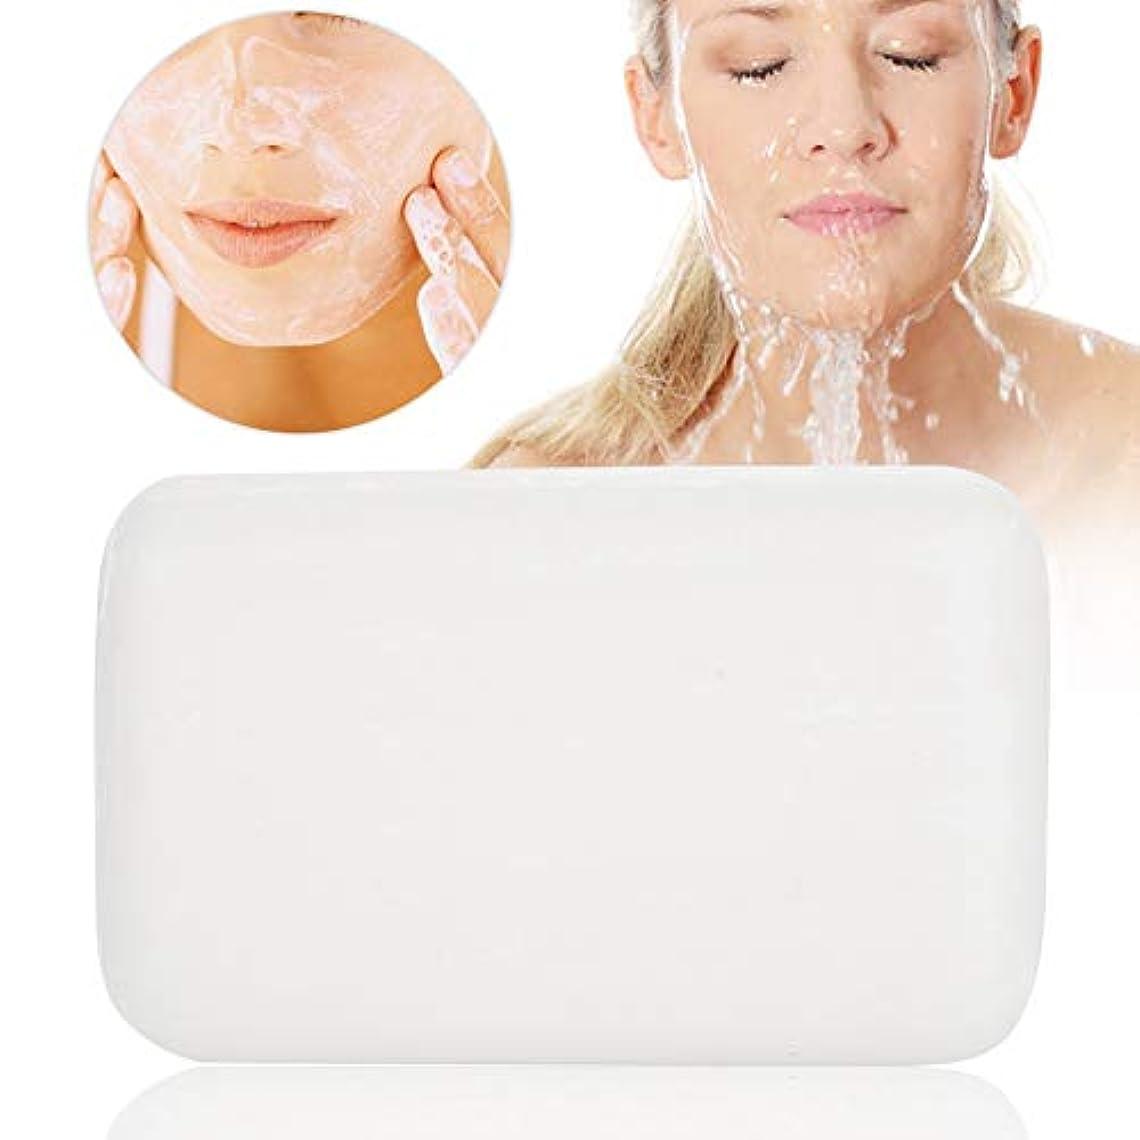 人気の出版仕様美容石鹸 シミ取り! (洗顔?全身用) せっけん バスサイズ 洗顔石けん 無添加 低刺激性 化粧石鹸